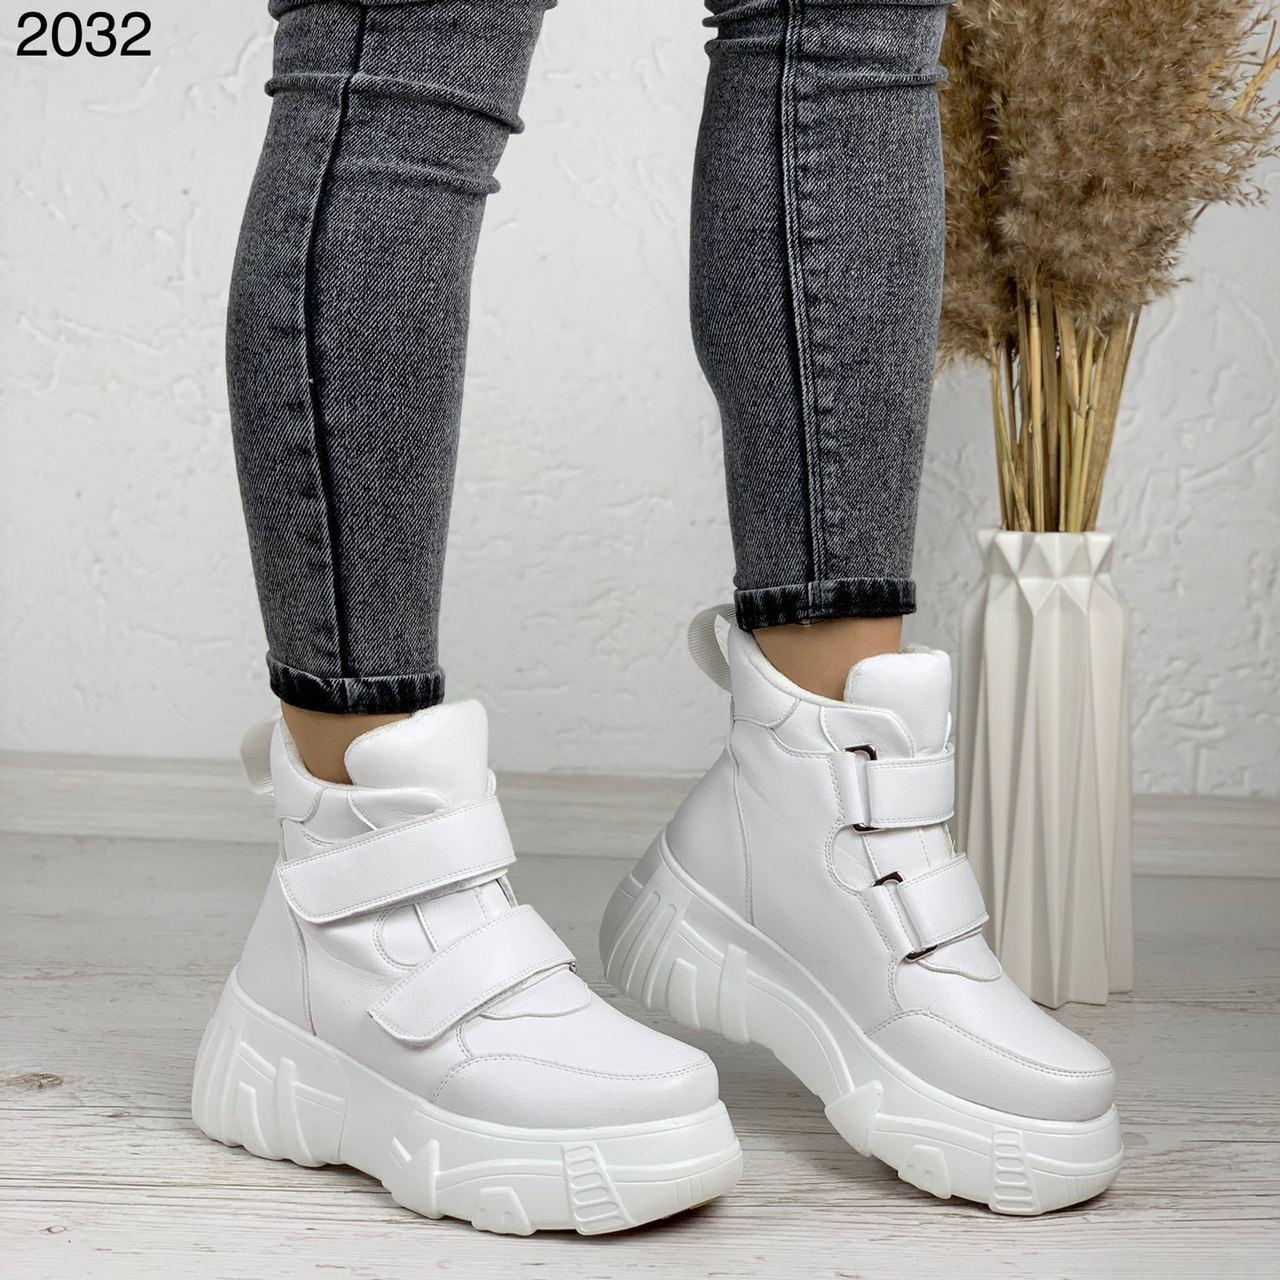 Женские спортивные ботинки - кроссовки ЗИМА / зимние  белые эко кожа